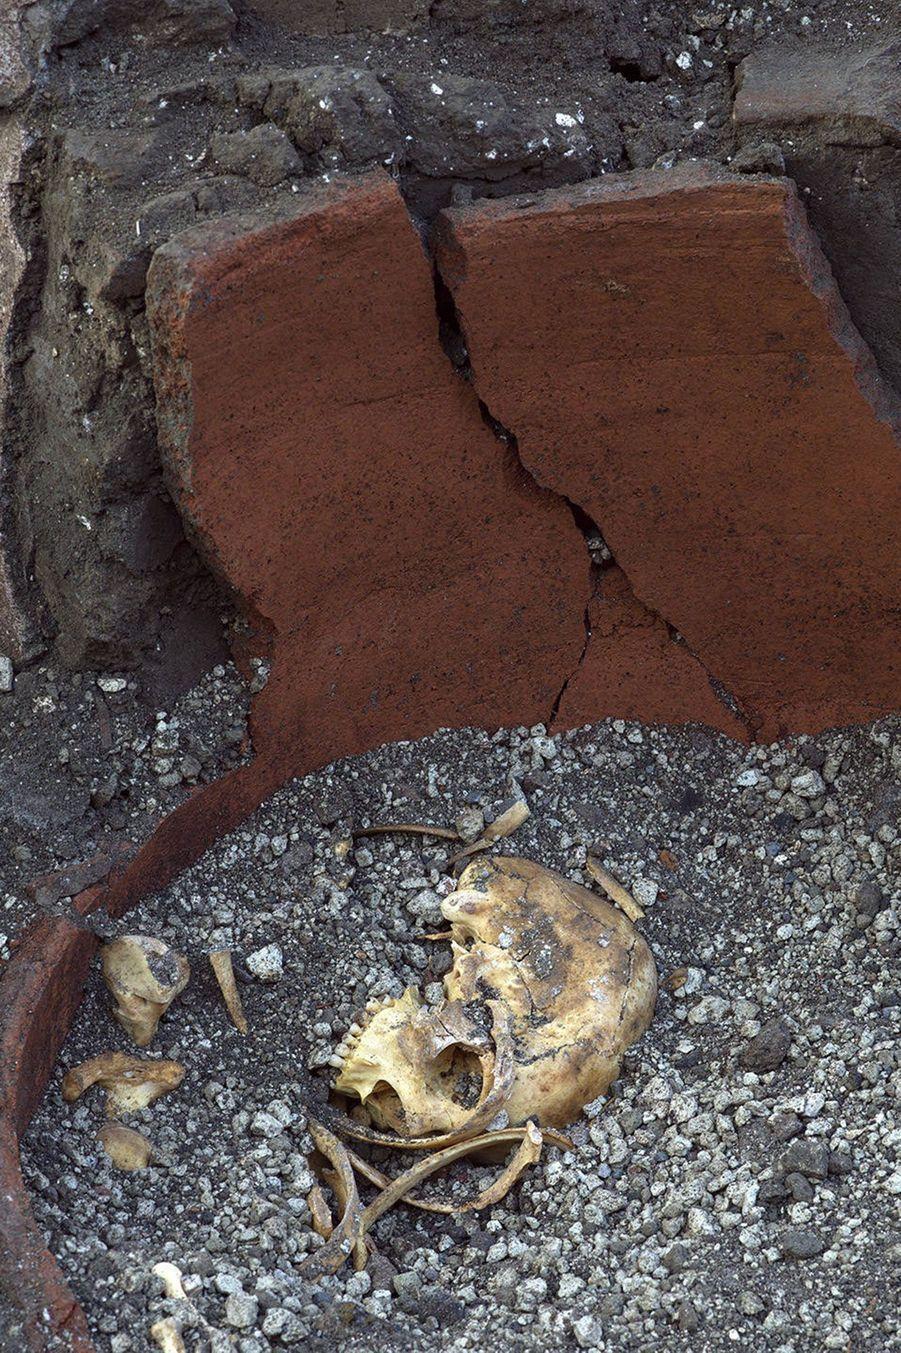 Un fragment d'os de canard, mais aussi des restes de porc, de chèvre, de poisson et d'escargots ont été récupérés dans les pots en terre cuite.